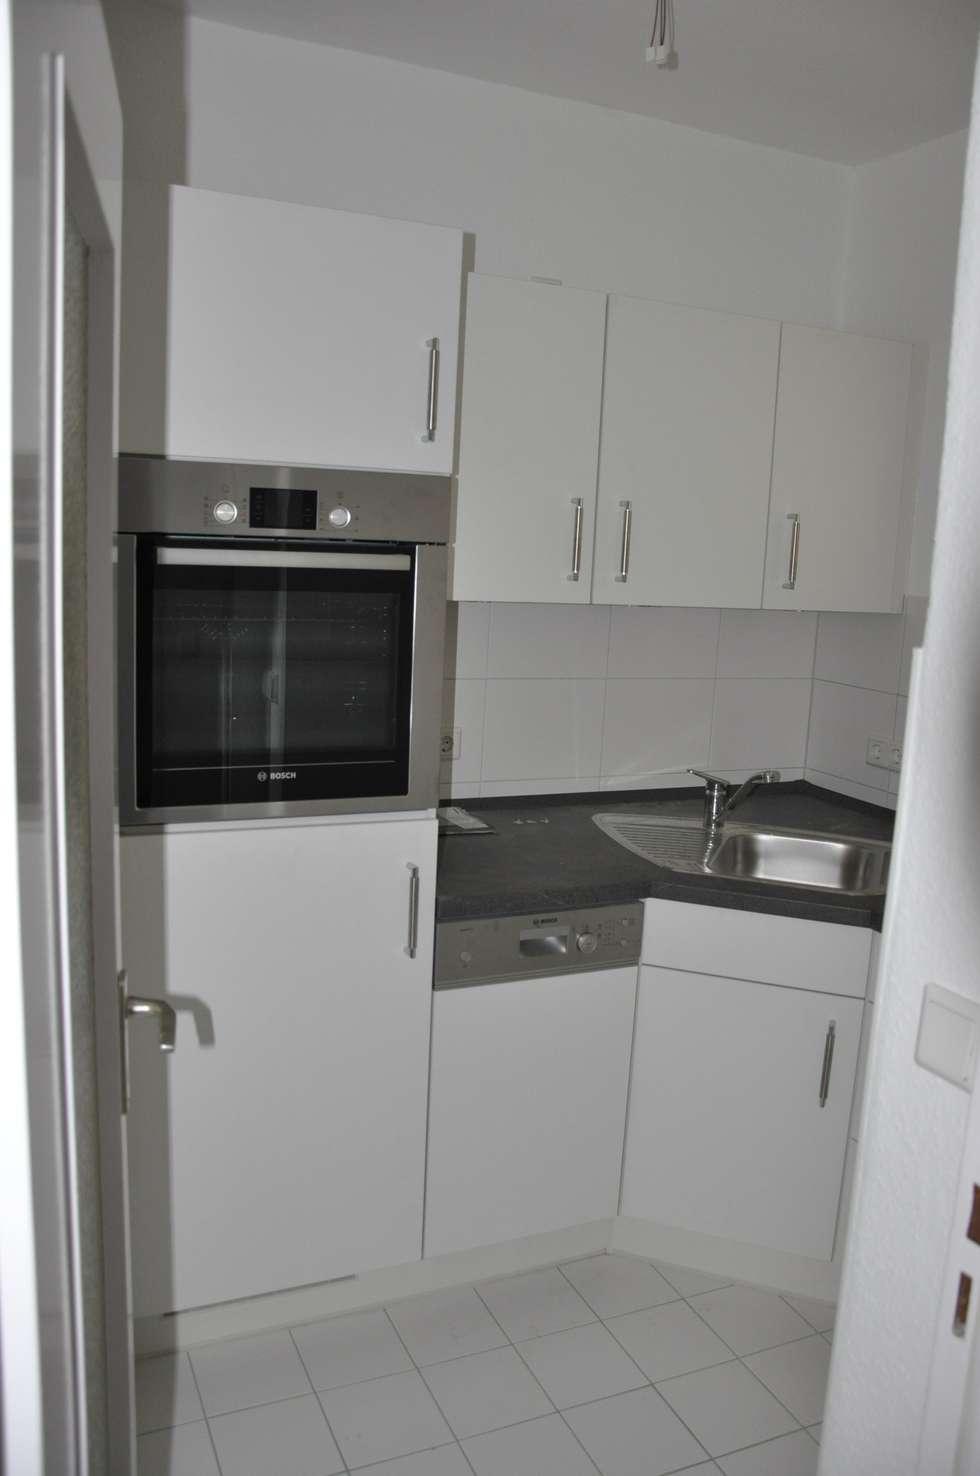 Renovierte Küche vor dem Home Staging: moderne Wohnzimmer von Optimmo Home Staging